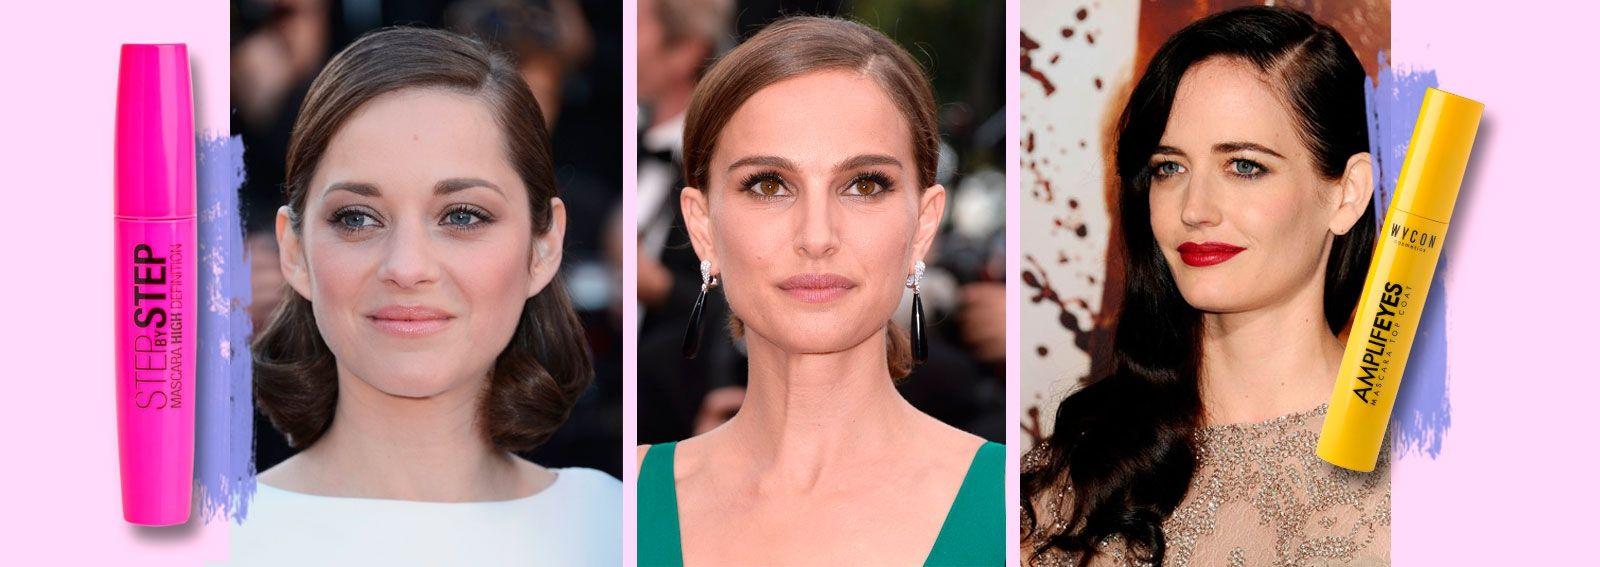 """Da Marion Cotillard a Eva Green: il make up occhi delle star  Come creare uno sguardo da """"Red Carpet"""" donando il giusto mix di sensualità e audacia al trucco"""